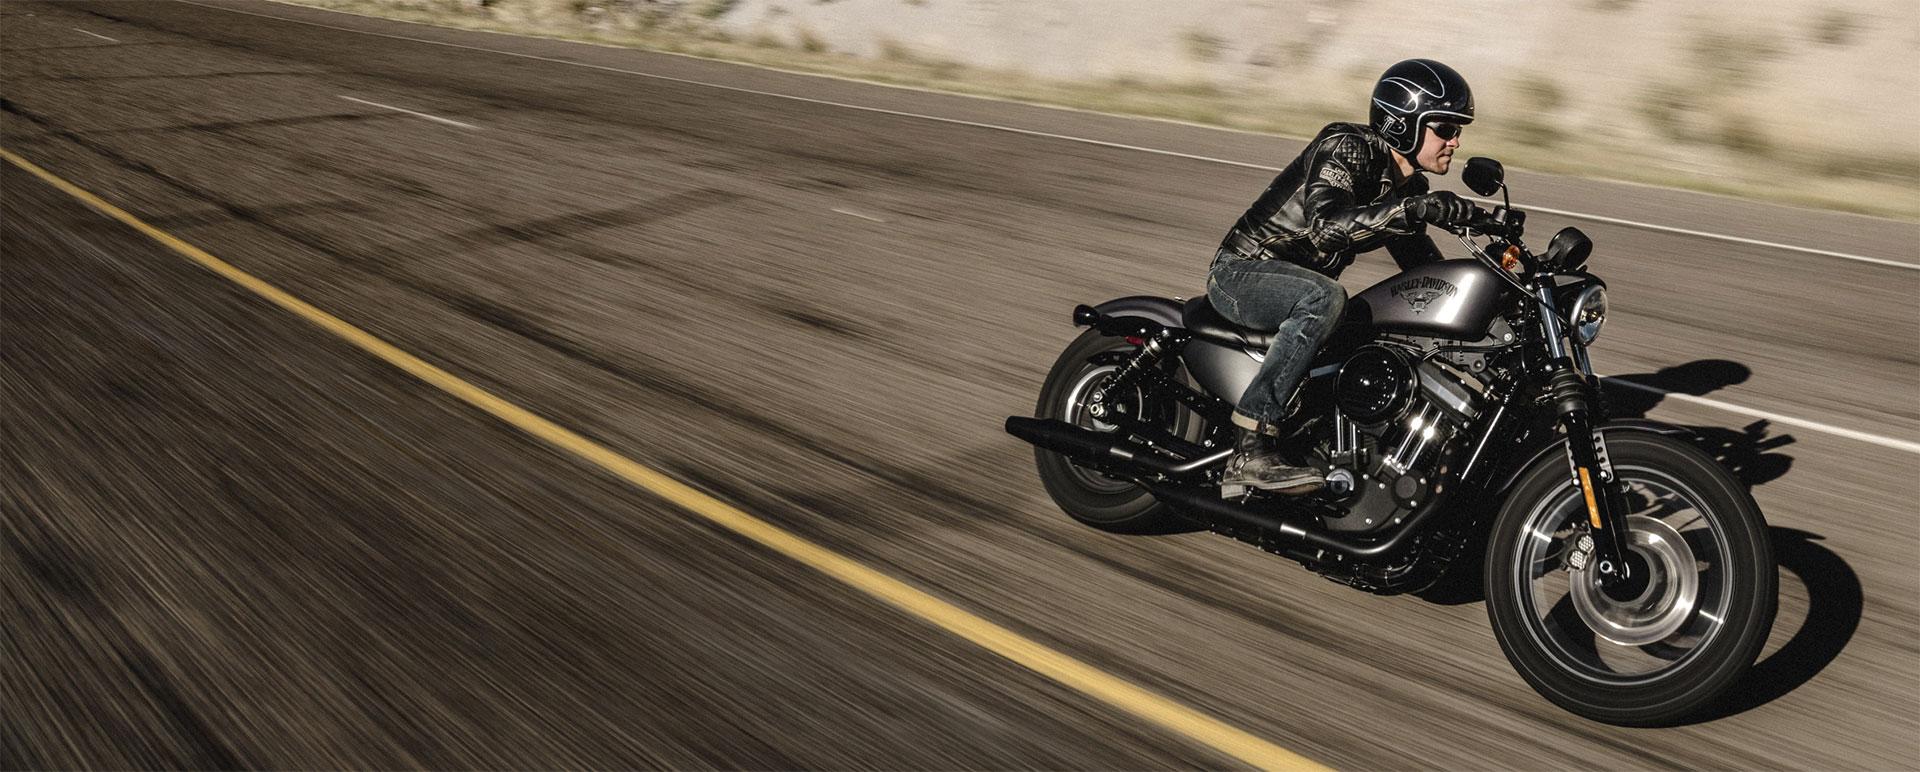 Gebrauchte Harley-Davidson vom Fachhändler kaufen